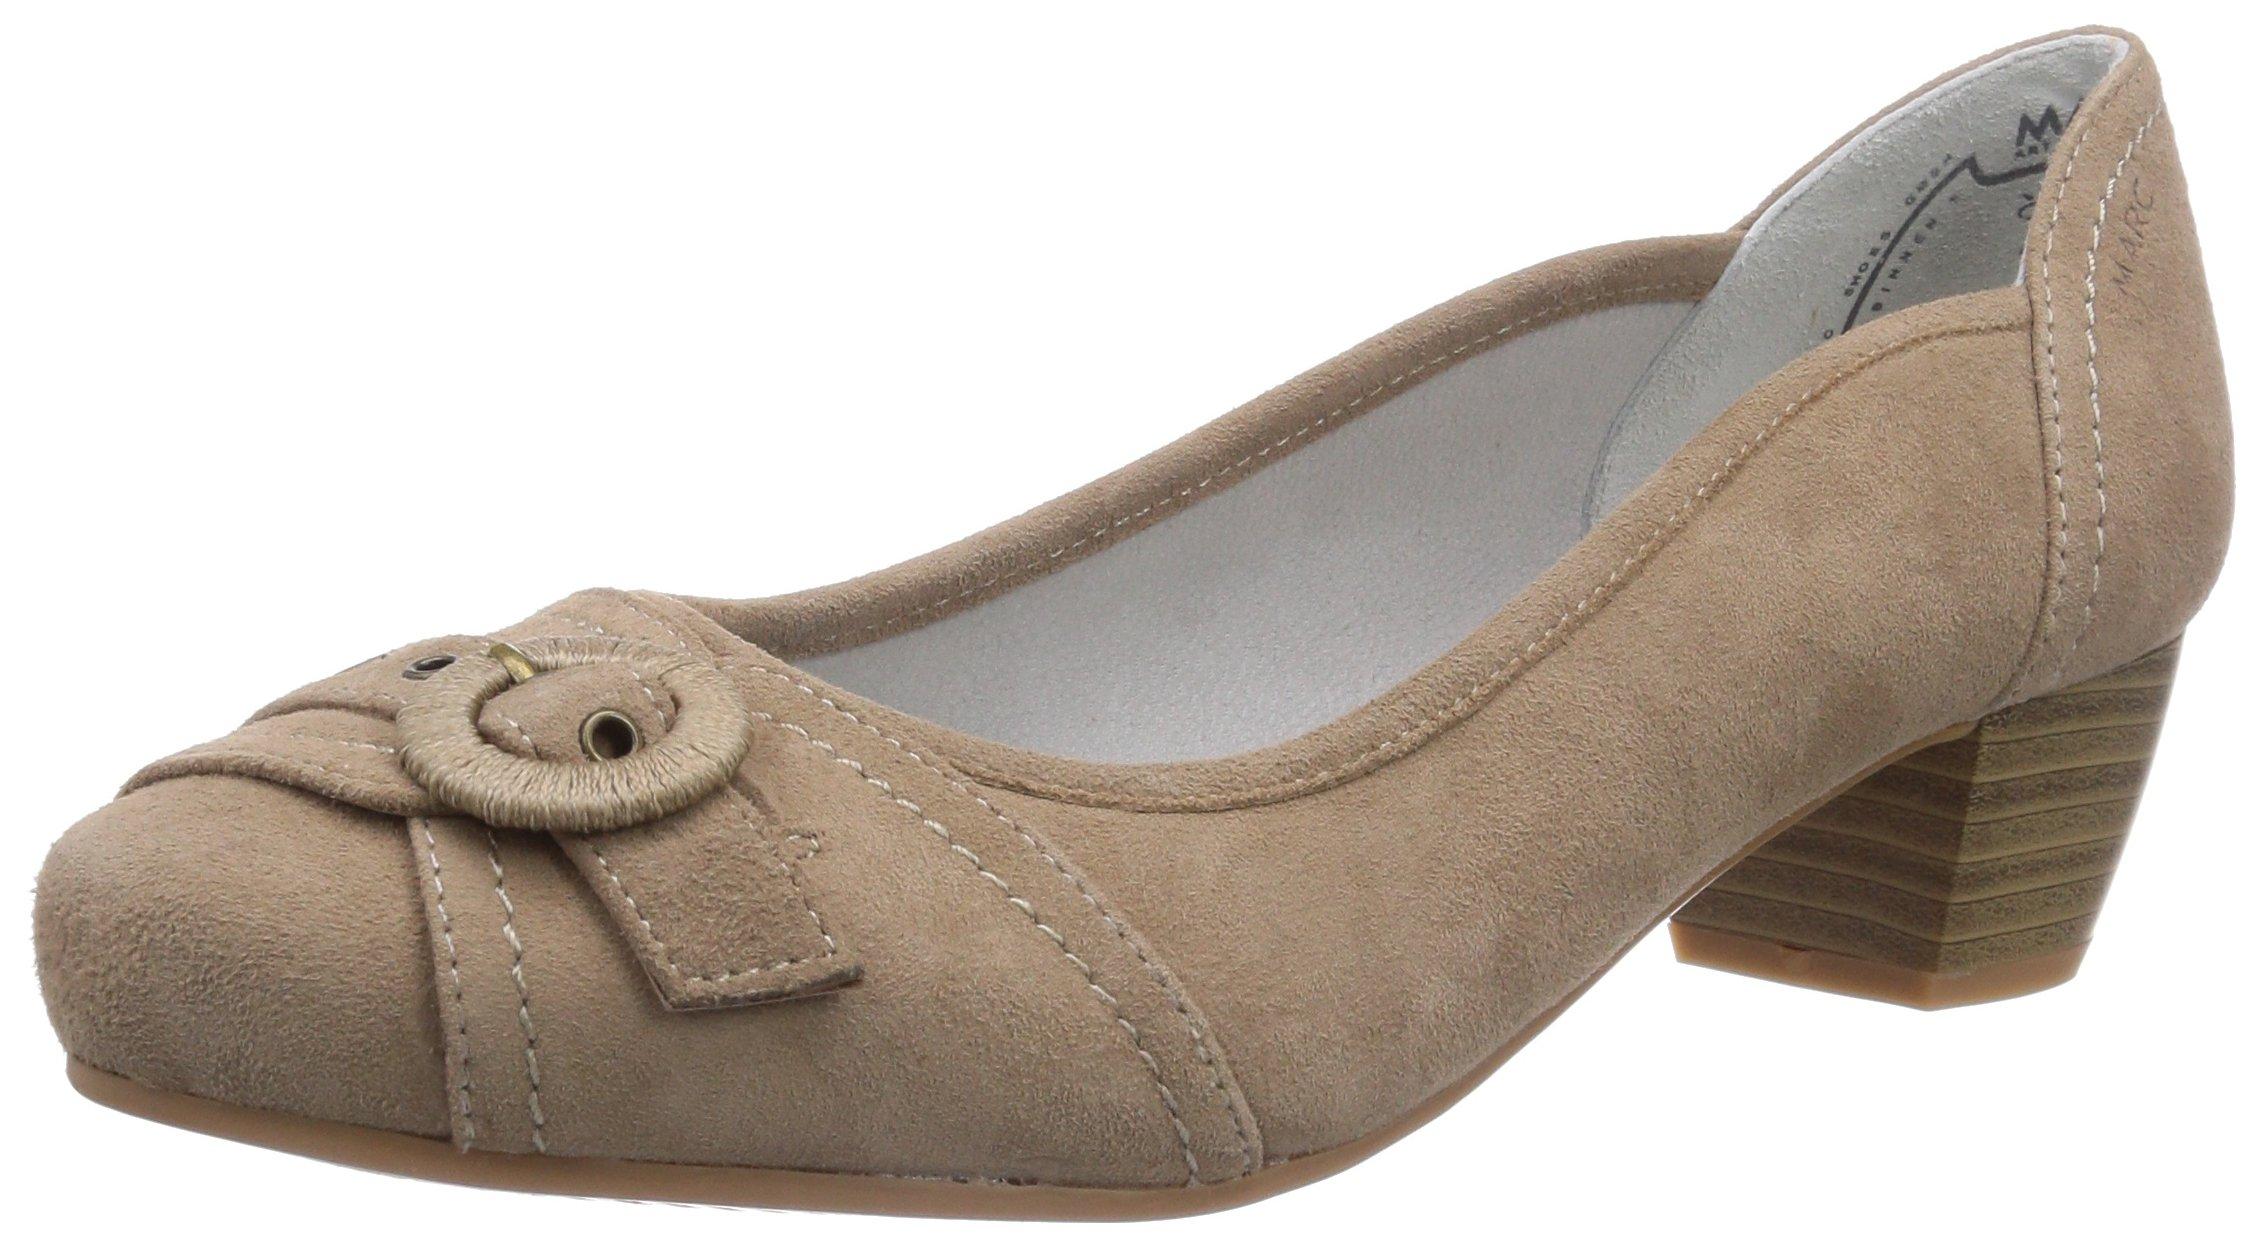 38 Du 1 260 Shoes Grautaupe 06 Couvert Femme 260Taille Marc Eu athenaChaussures À Pieds Gris 484 21 TalonsAvant N80wmnv